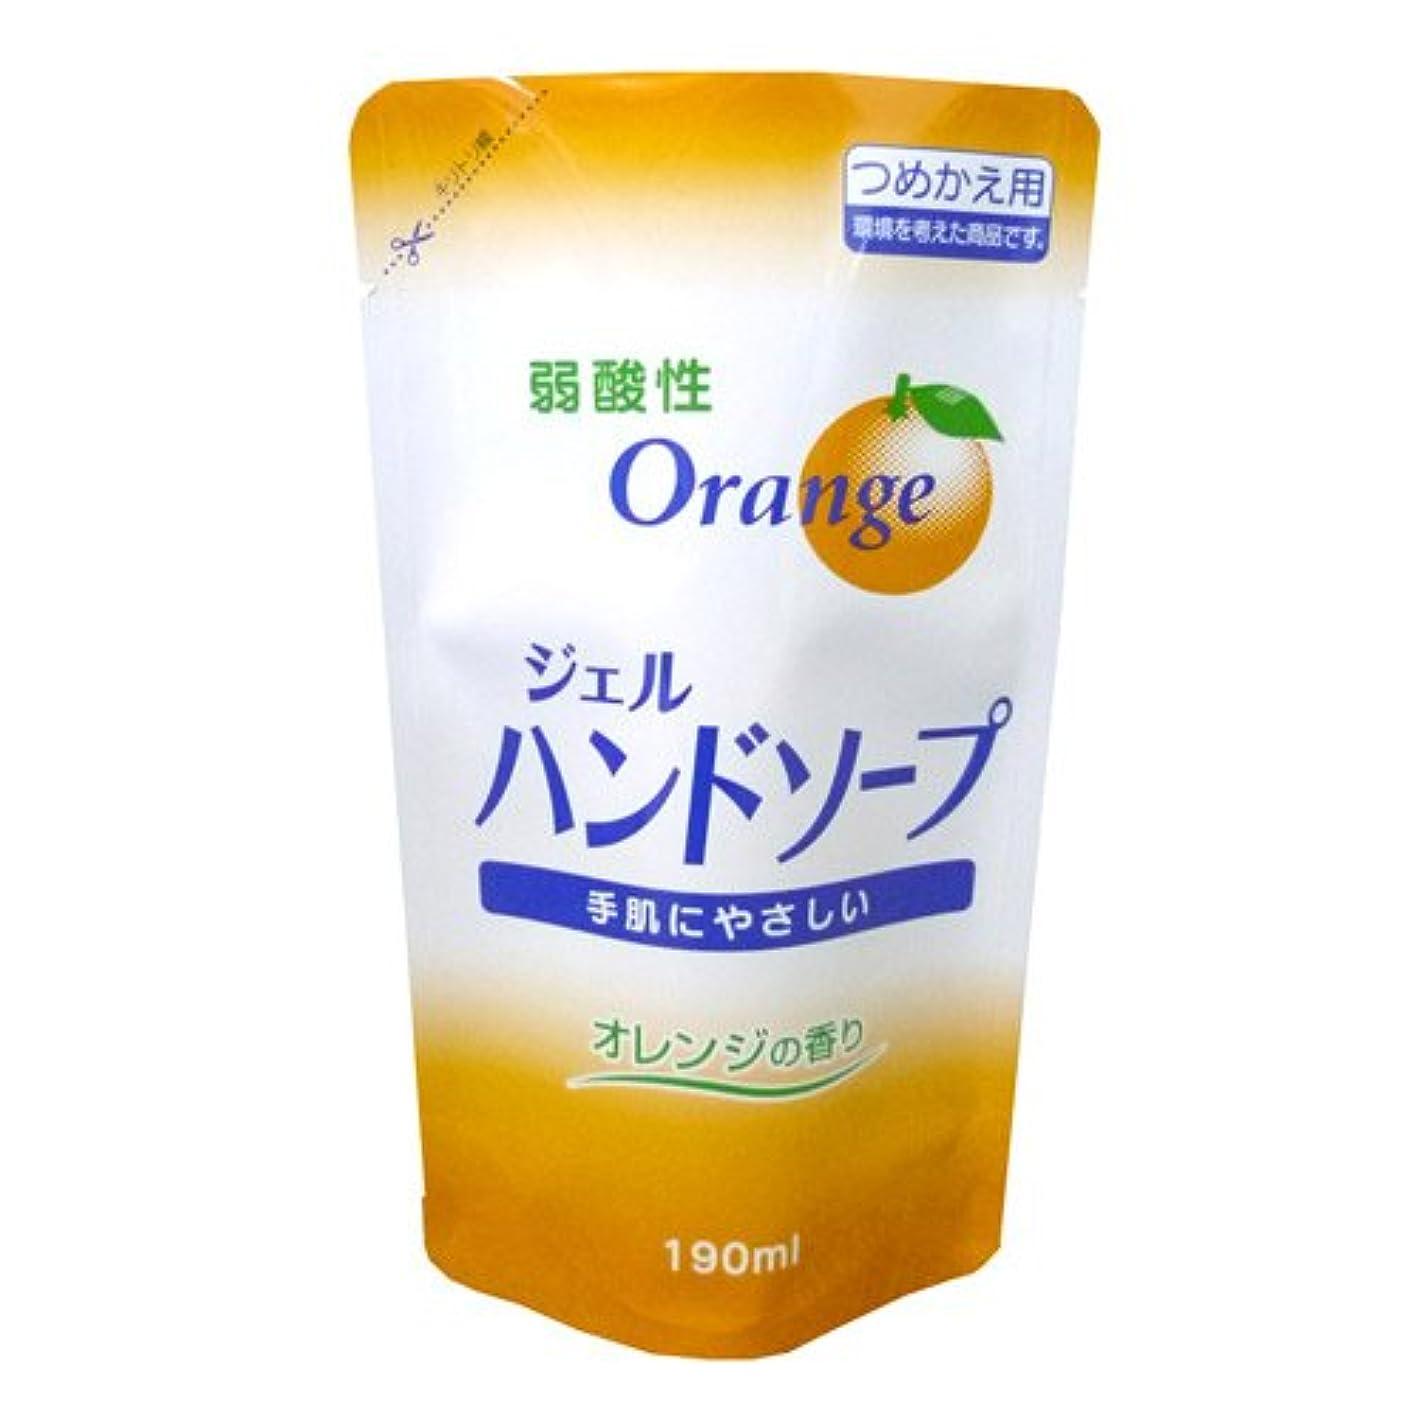 いいね防腐剤良心的弱酸性ジェルハンドソープ 詰替用 190ml